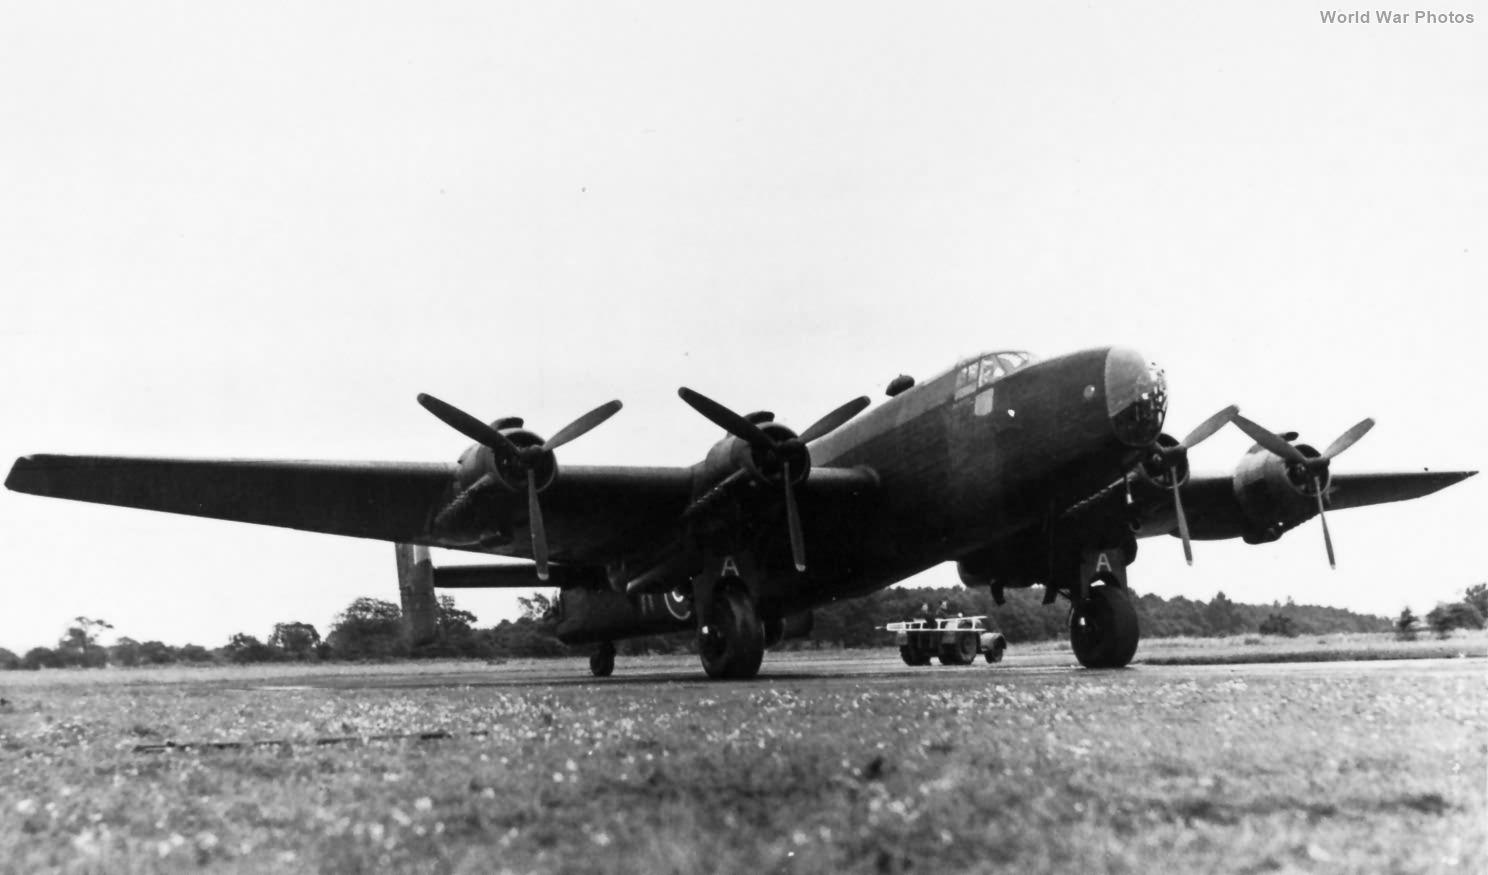 Handley Page Halifax B Mk III